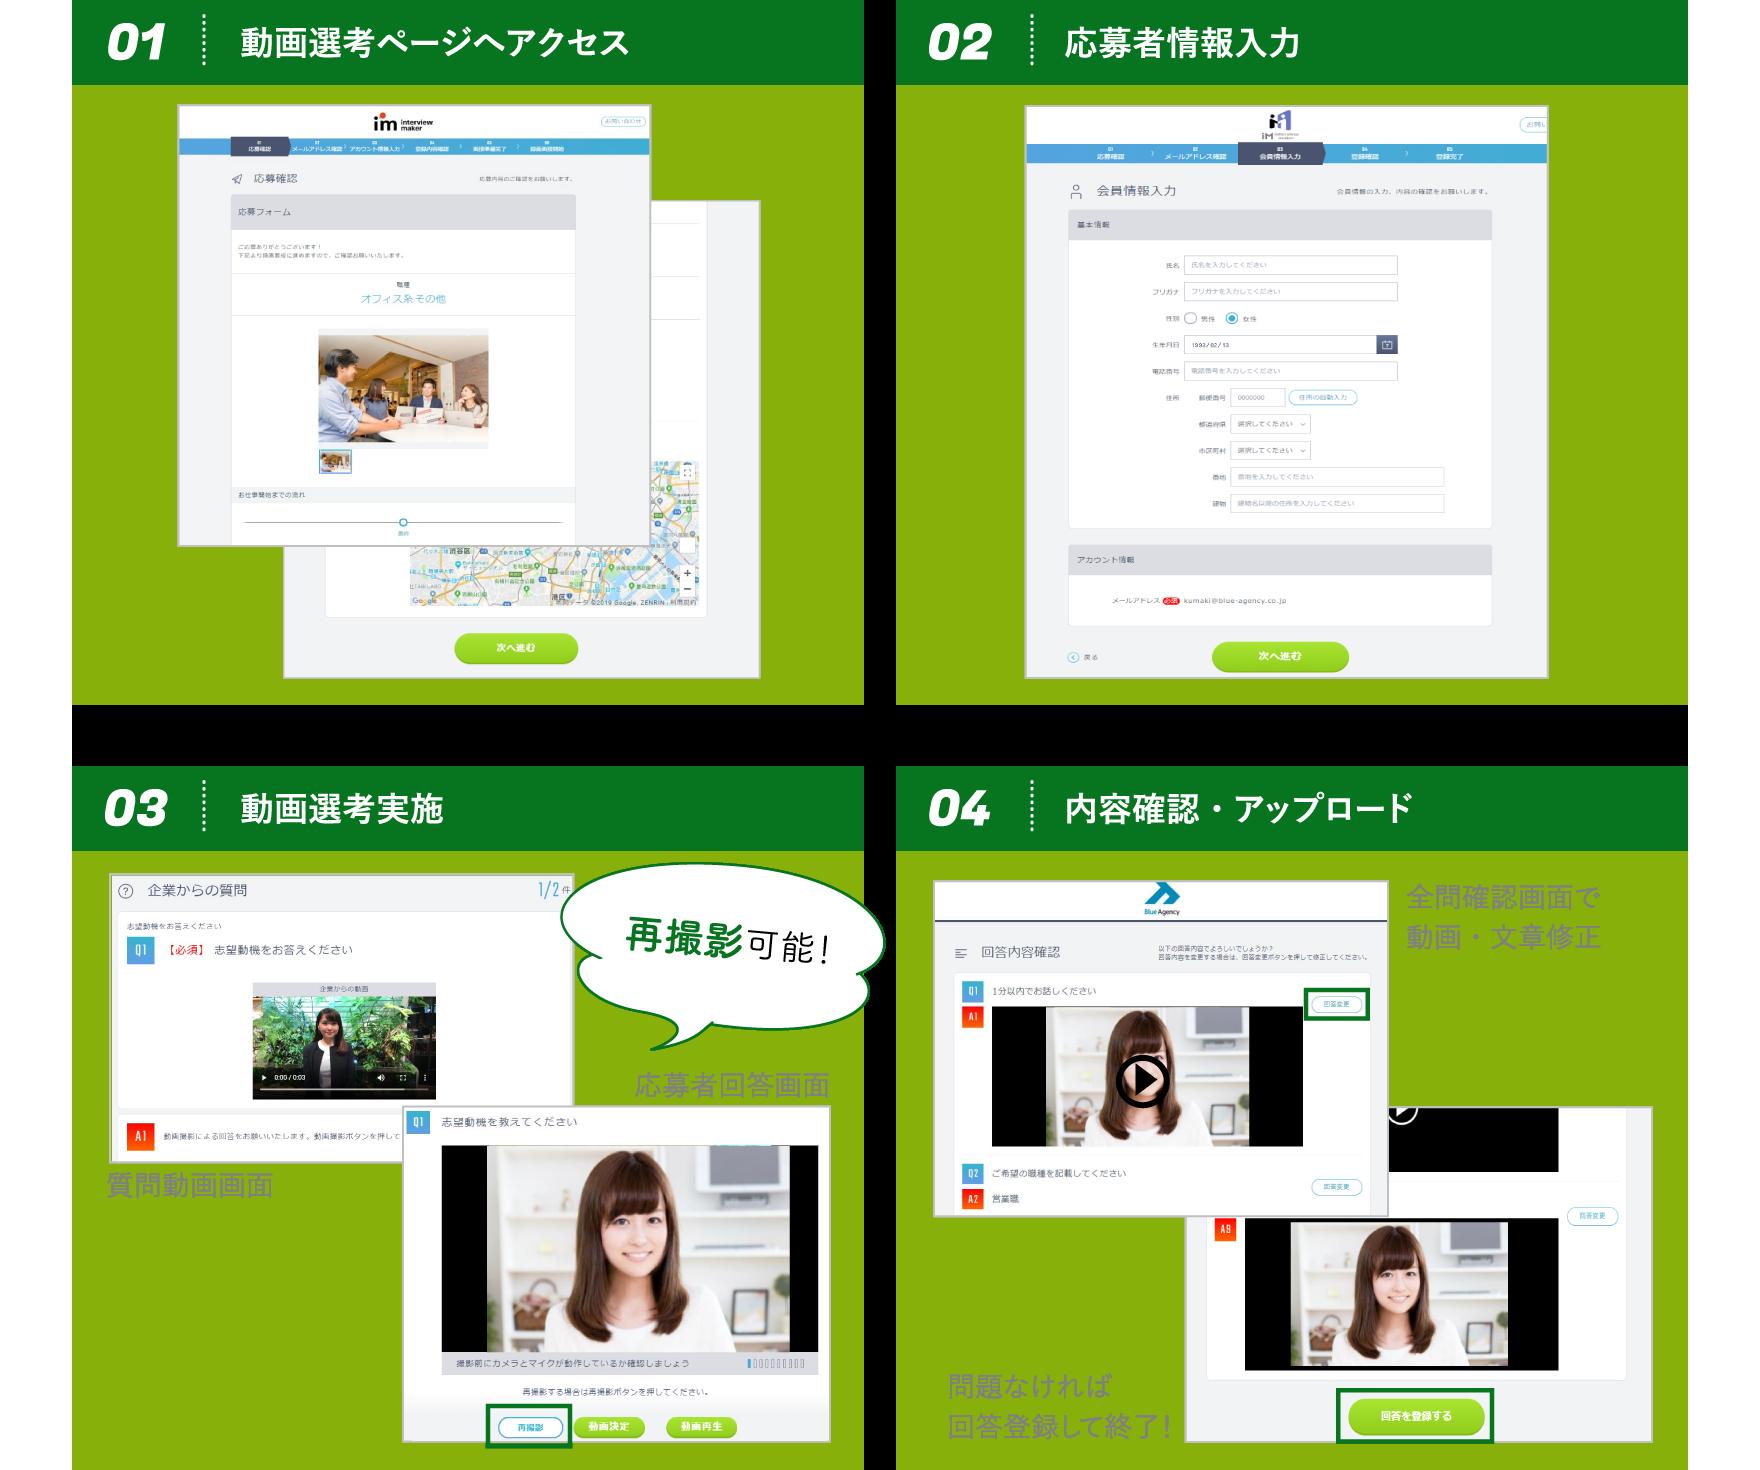 動画選考ページへアクセス / 応募者情報入力 / 動画選考実施 / 内容確認・アップロード